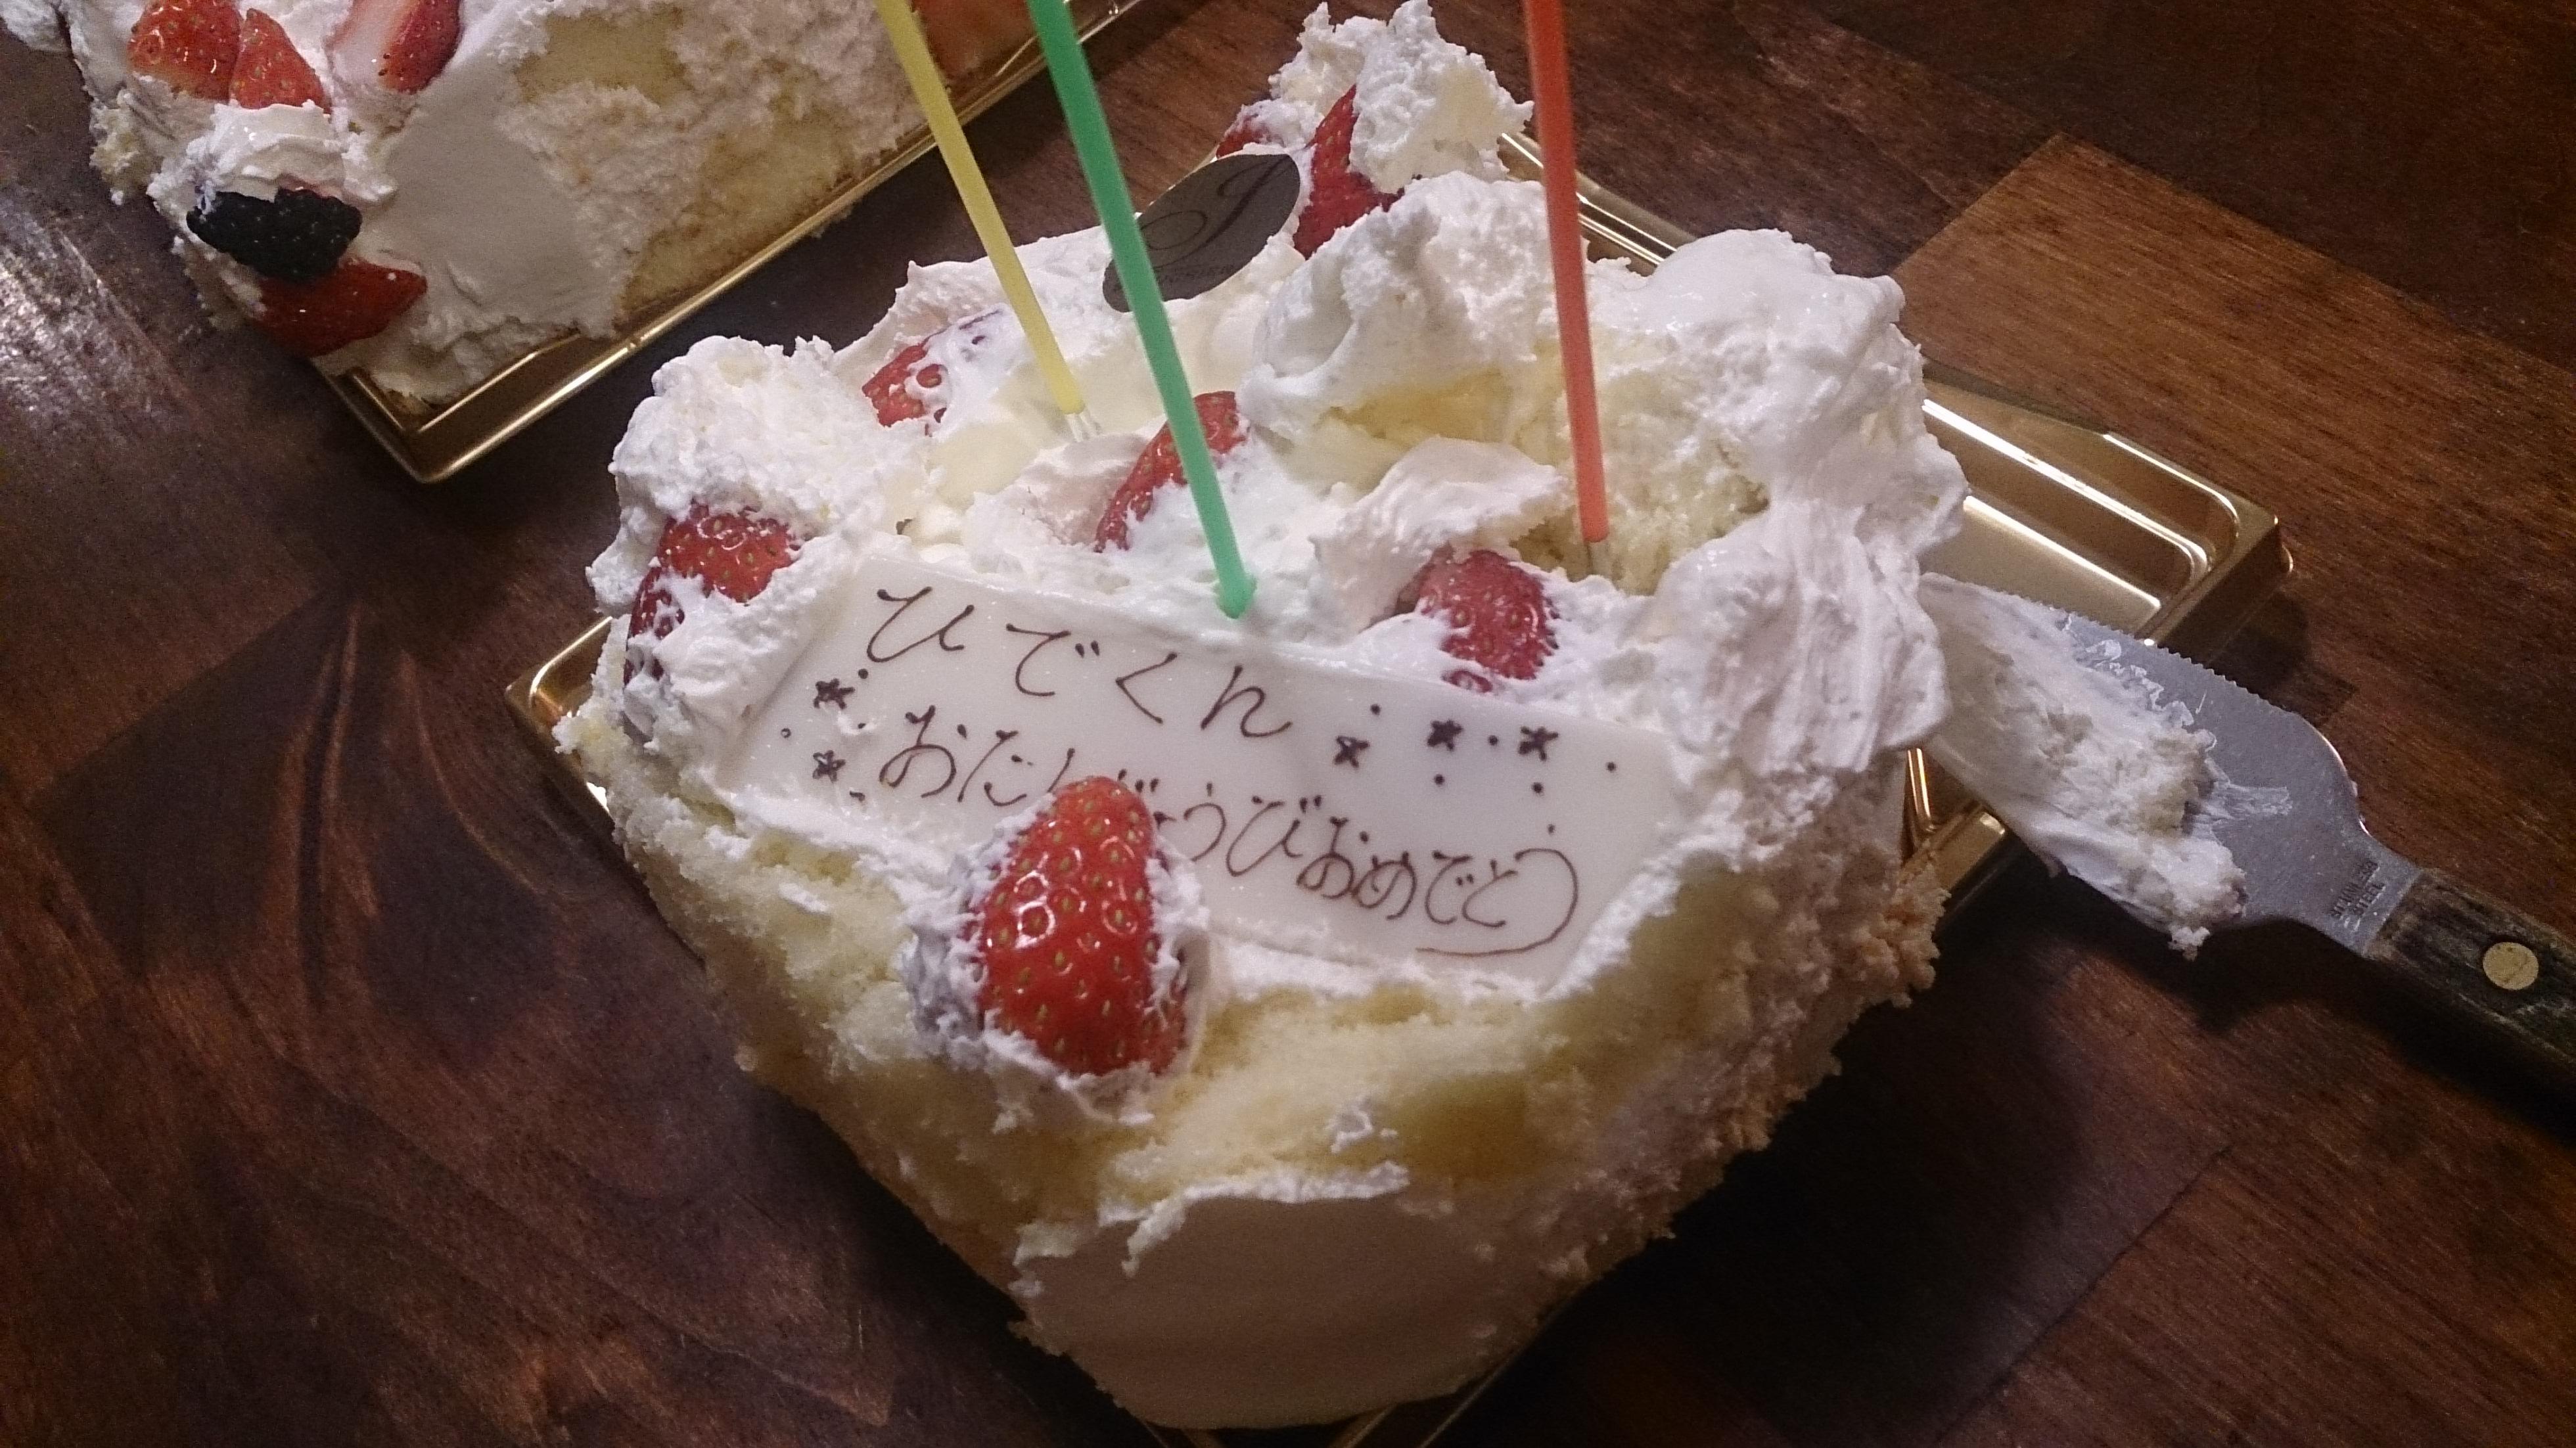 衝撃的なケーキ